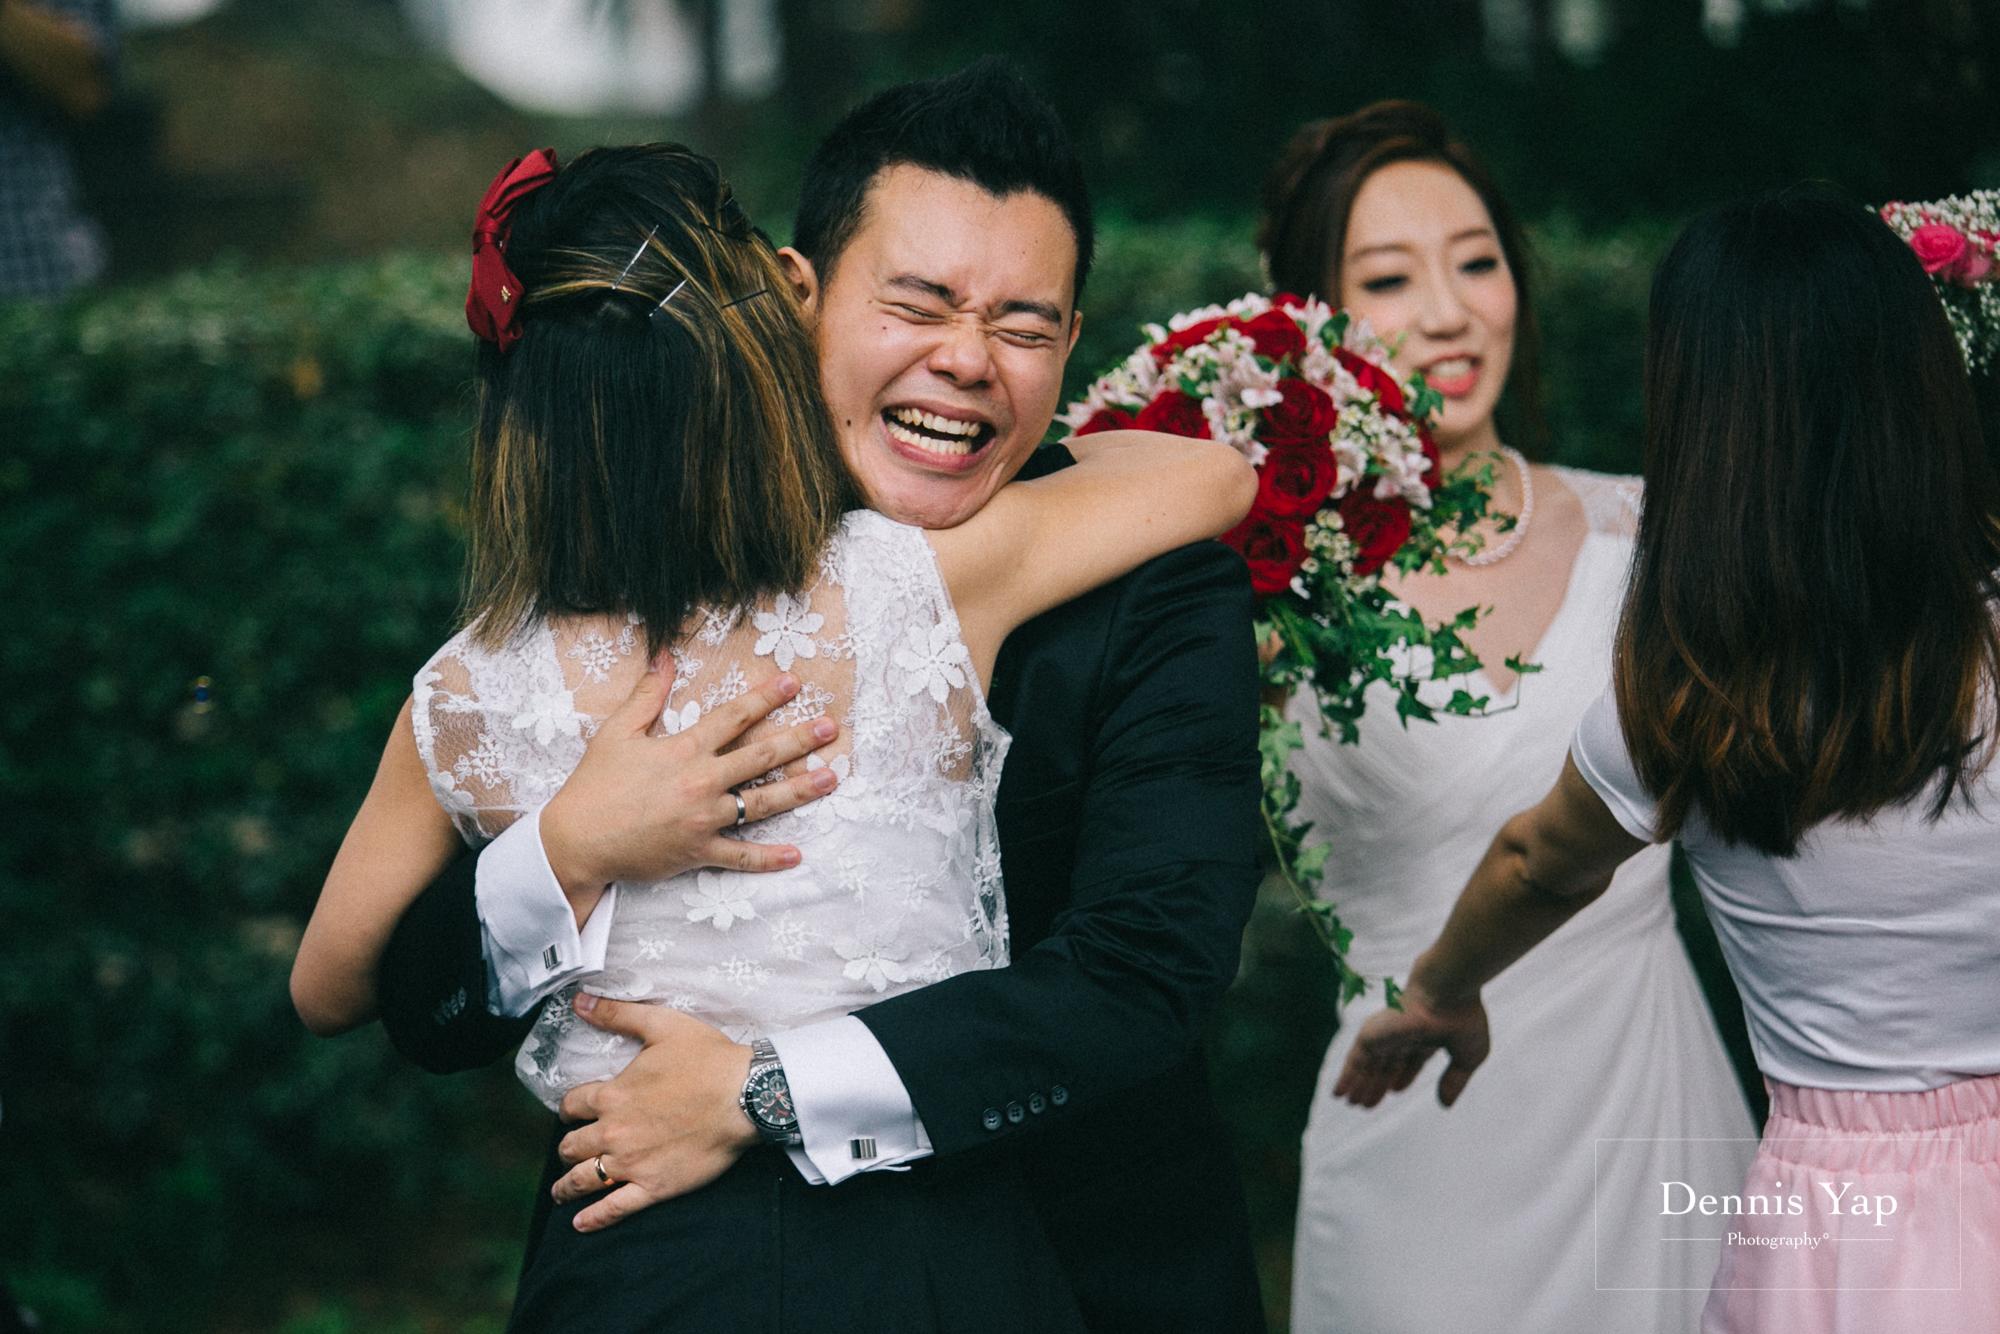 jason su lin rom registration gita bayu serdang wedding reception ceremony dennis yap photography fog malaysia-27.jpg